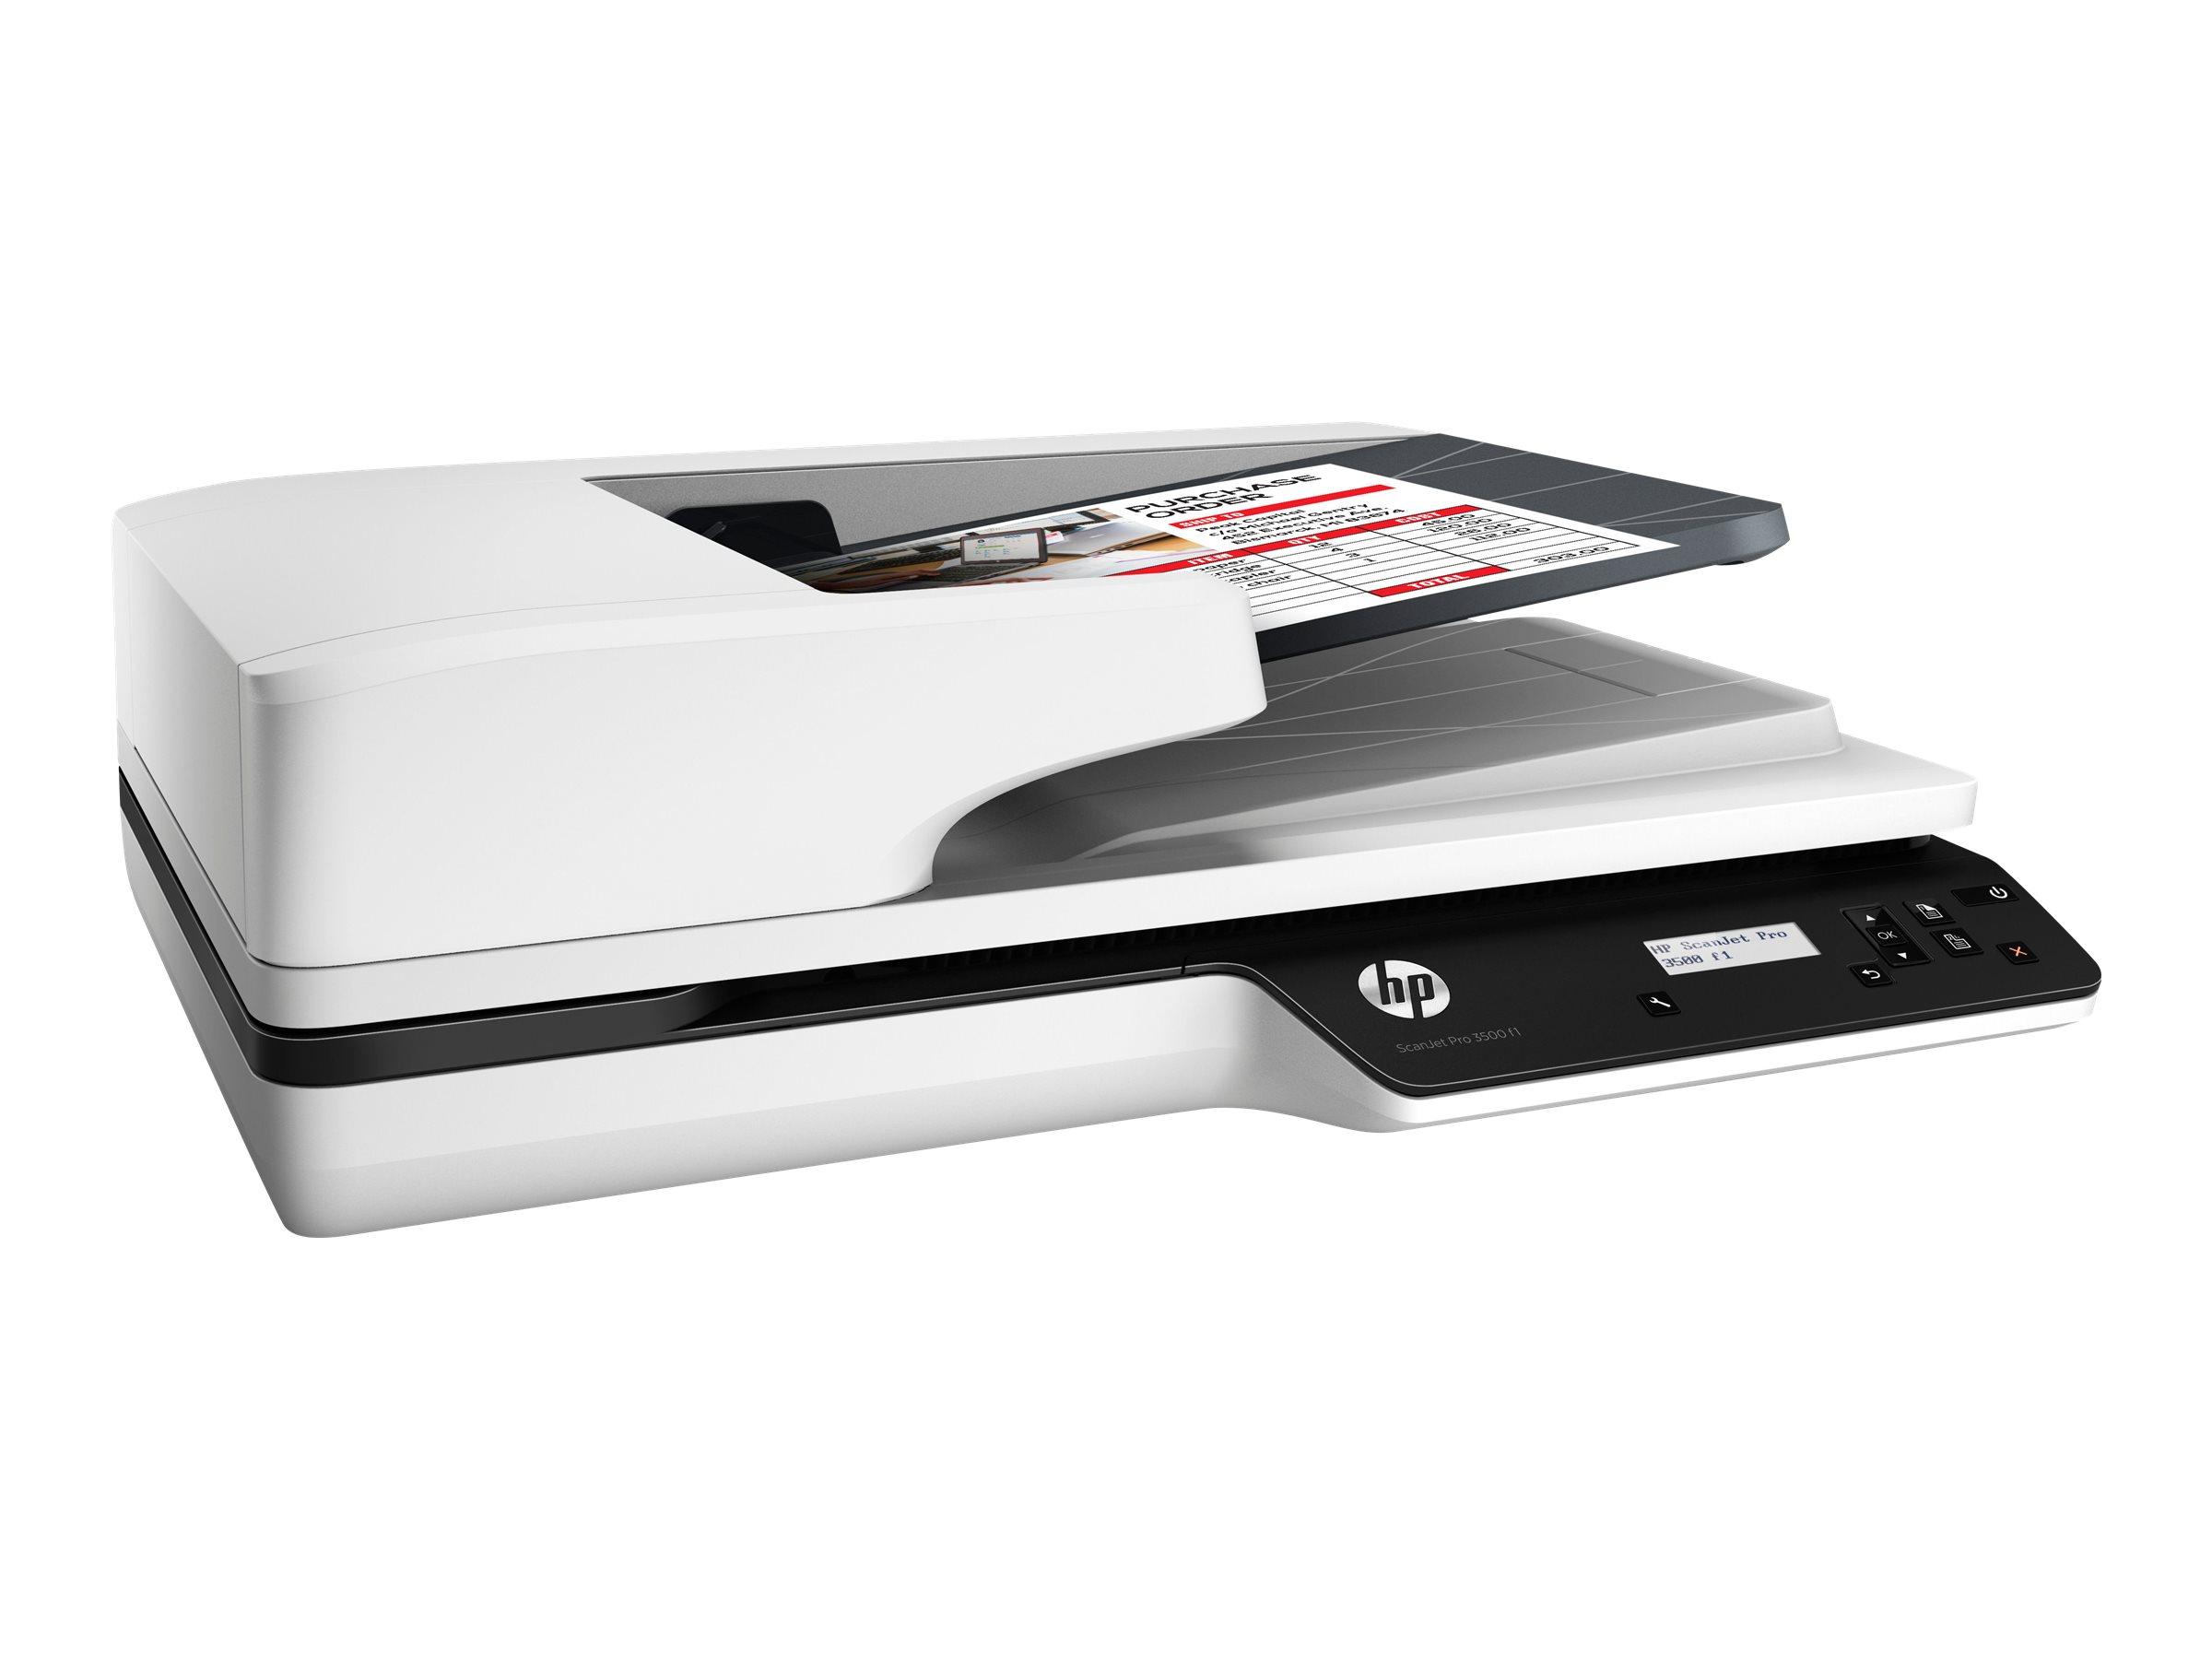 HP Scanjet Pro 3500 f1 - Dokumentenscanner - Duplex - A4/Letter - 1200 dpi x 1200 dpi - bis zu 25 Seiten/Min. (einfarbig)